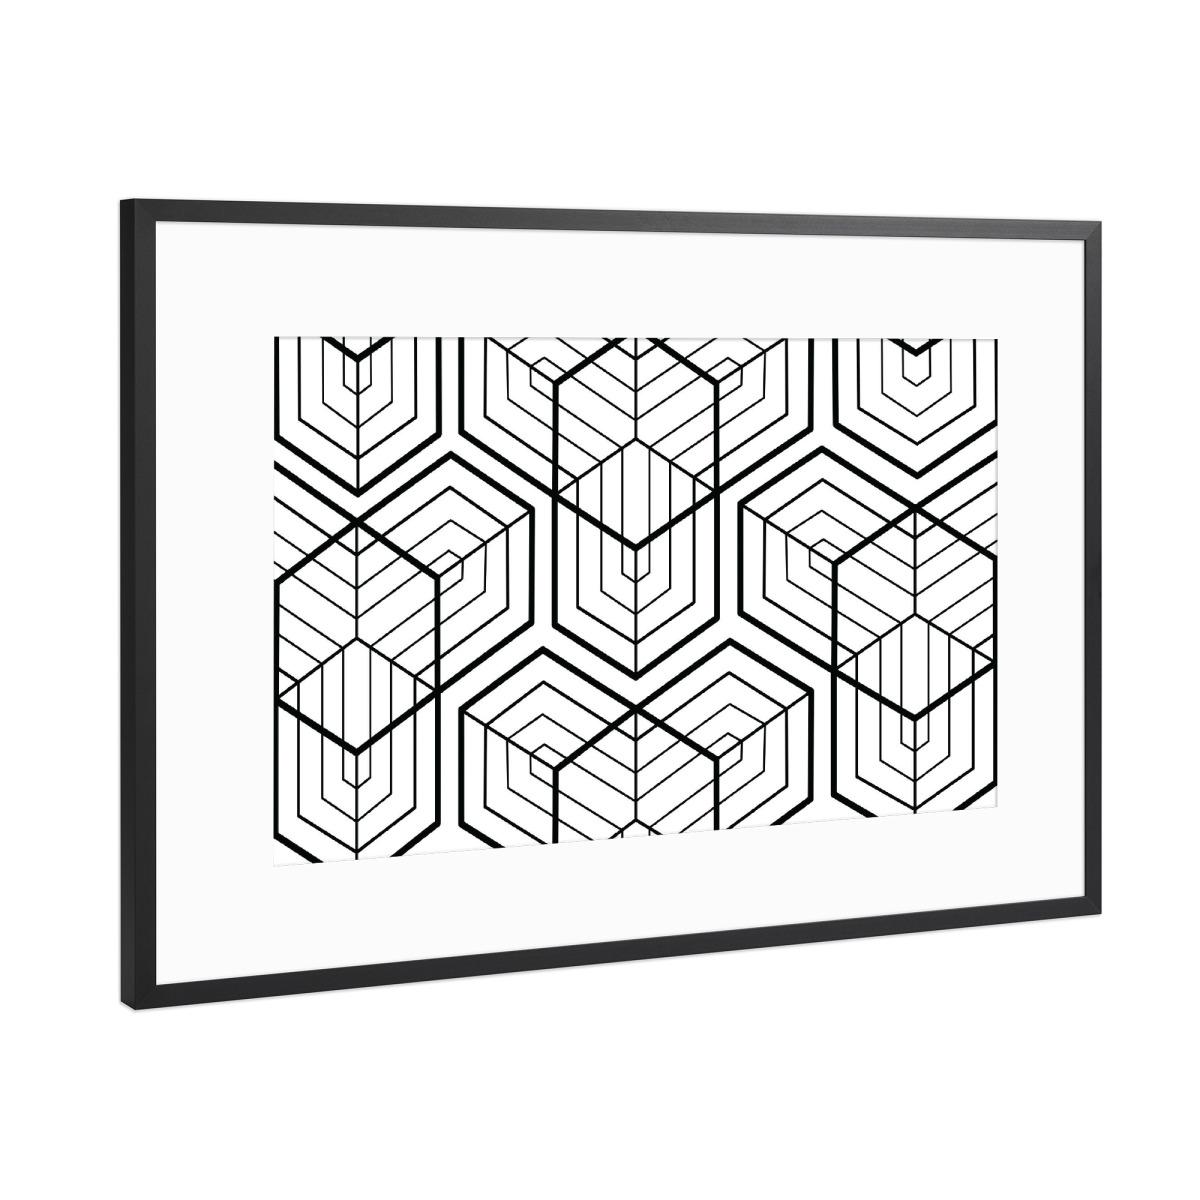 Geometrie Schwarz-Weiß Große Hexagon als Gerahmt bei artboxONE kaufen